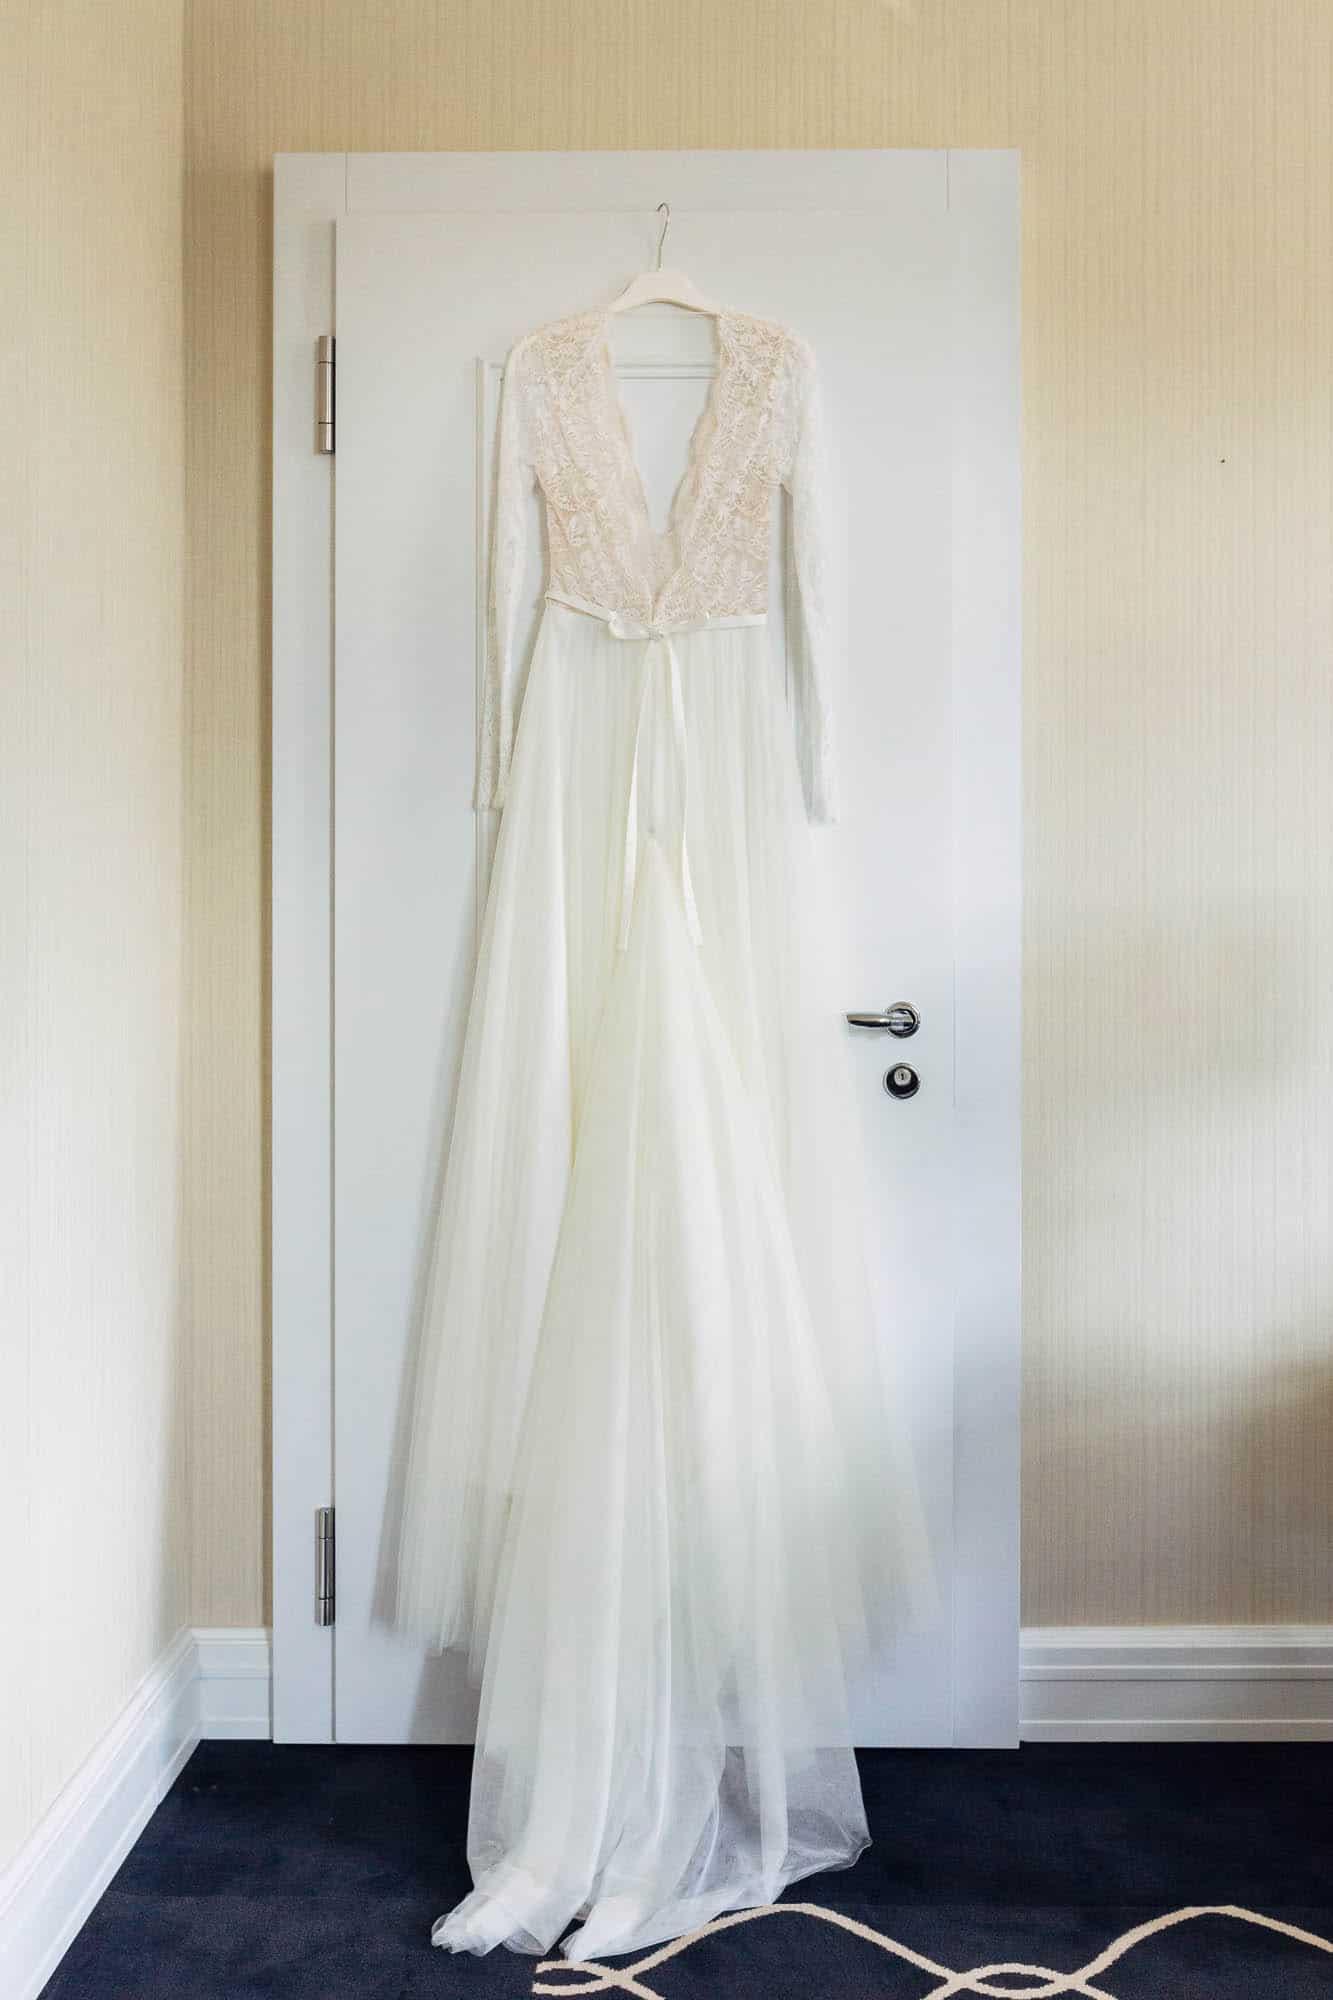 Brautkleid an Tür aufgehängt